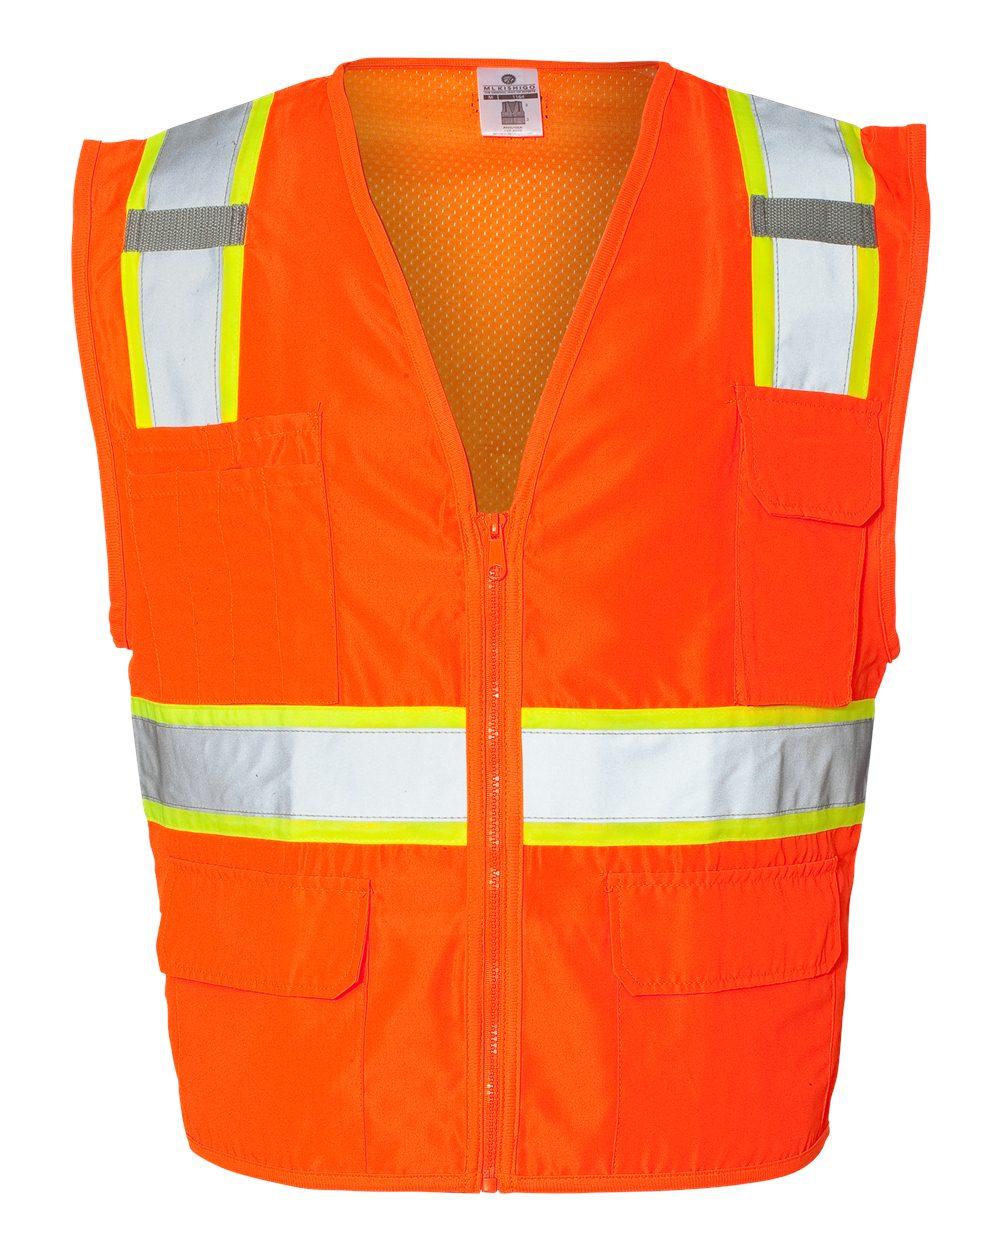 ML Kishigo Solid Front Vest with Mesh Back